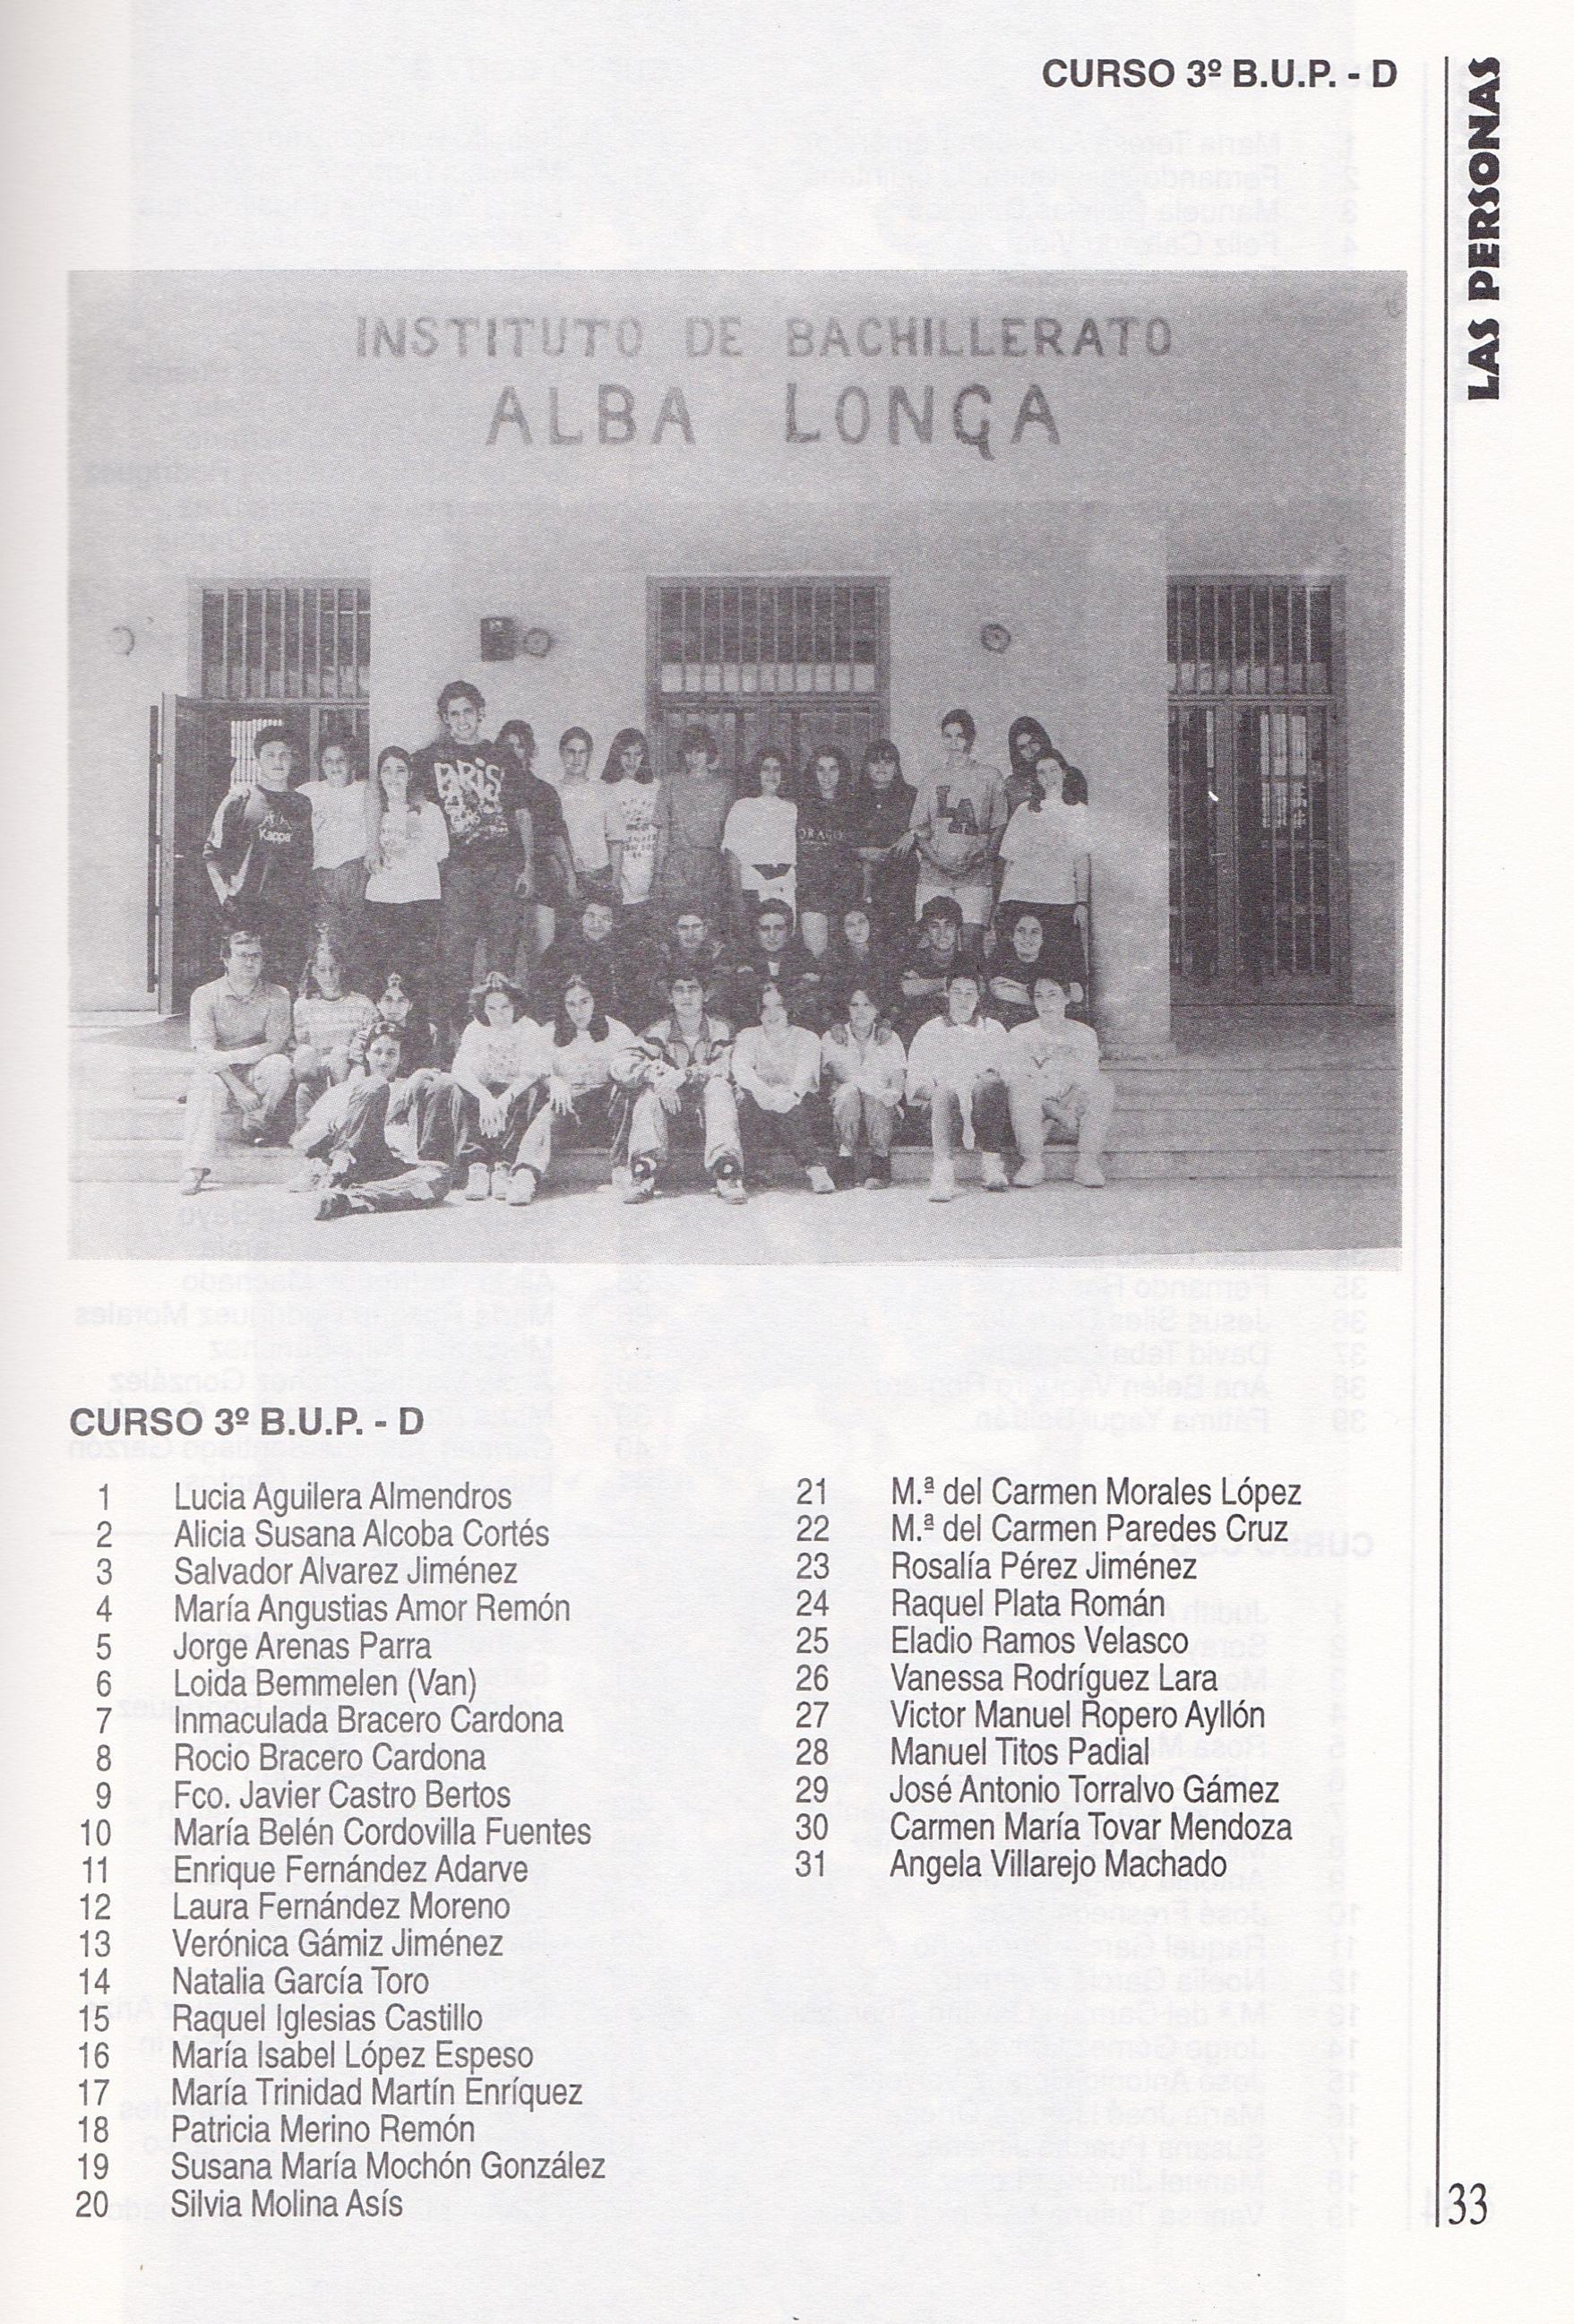 3ºBUP D (curso 1995-1996)